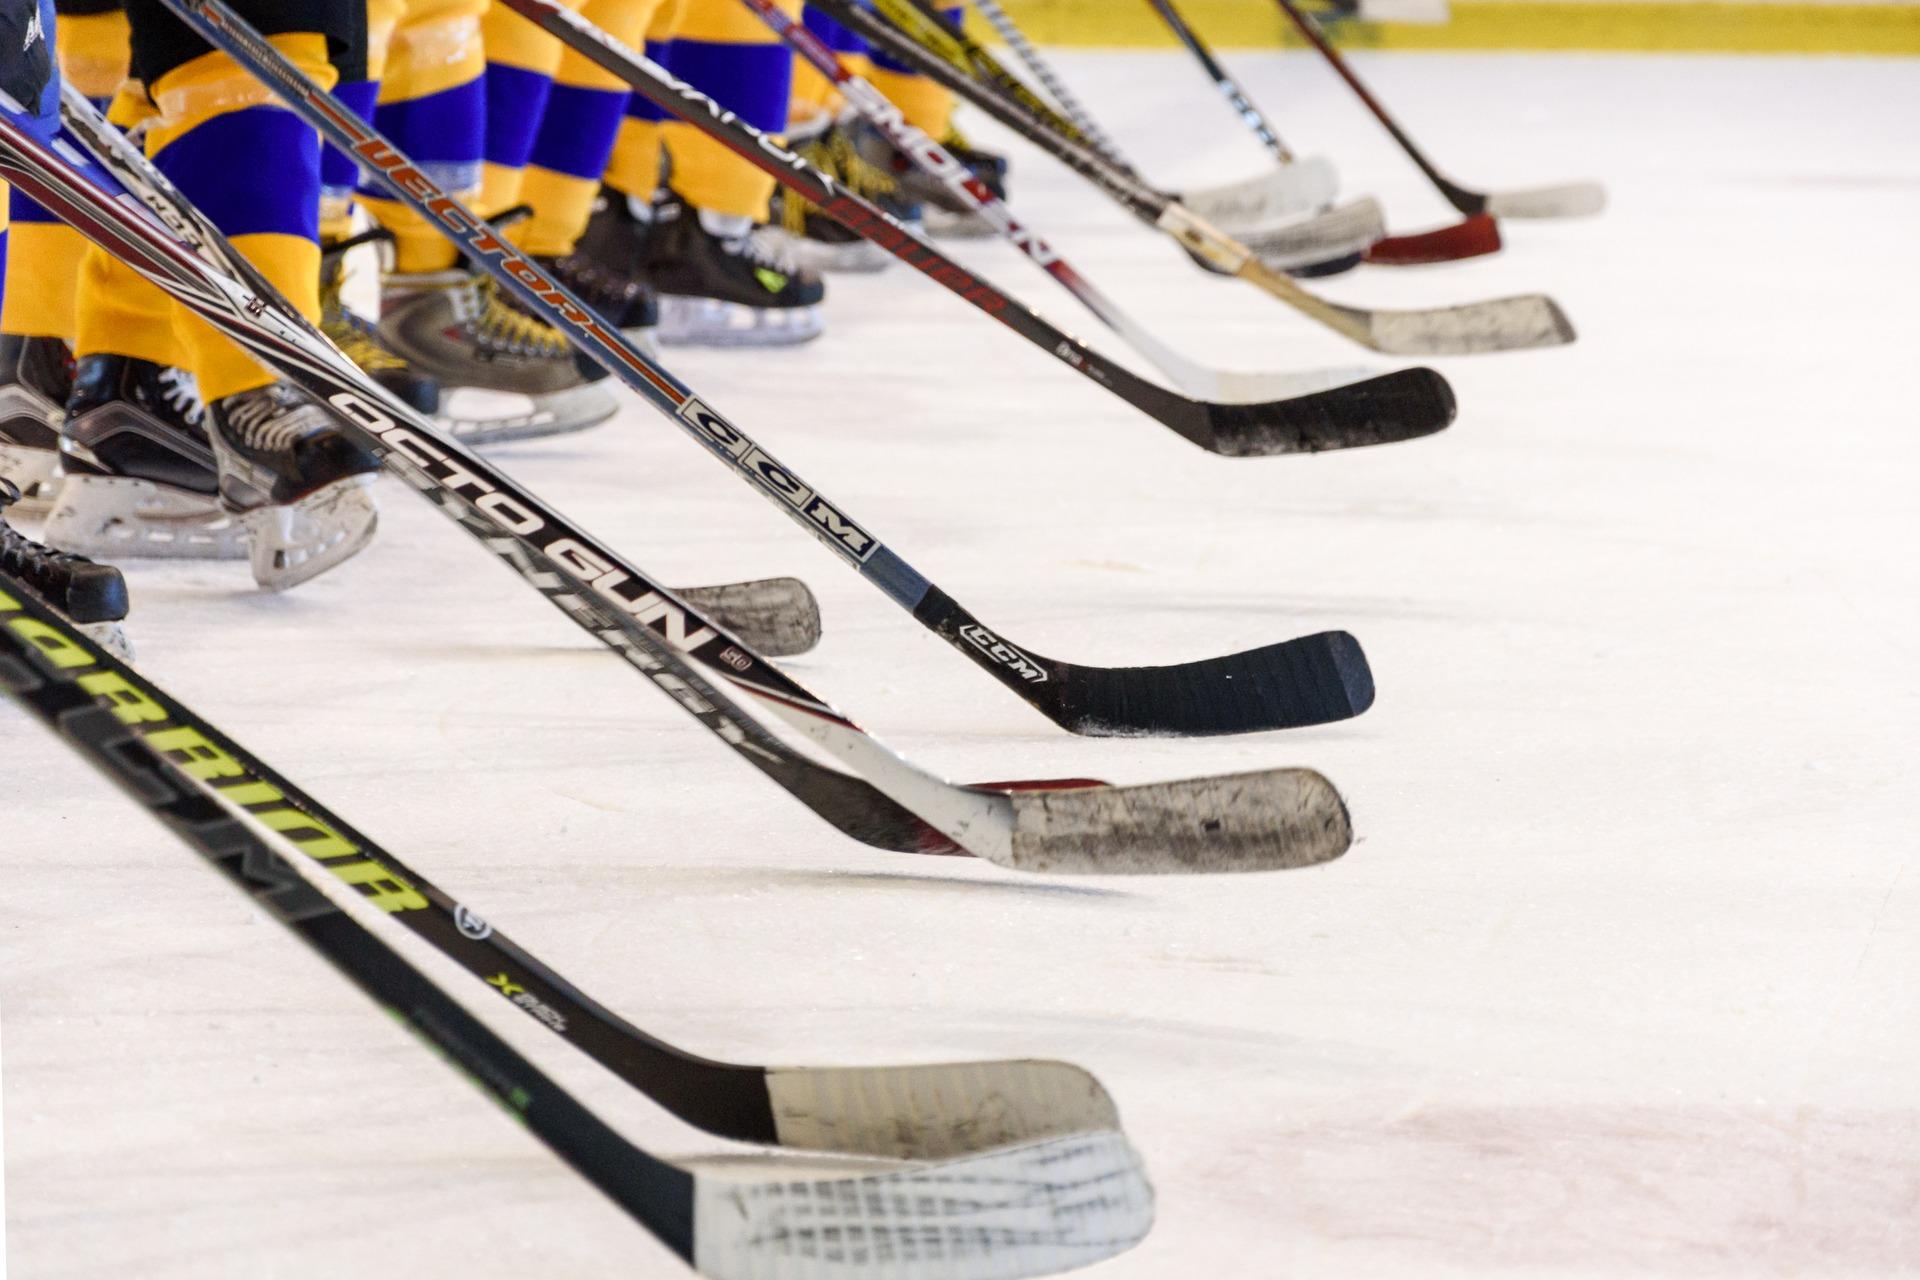 Вперед к победе: хоккеисты «Плехановки» сыграют в финале лиги со студентами из «Бауманки». Фото: pixabay.com